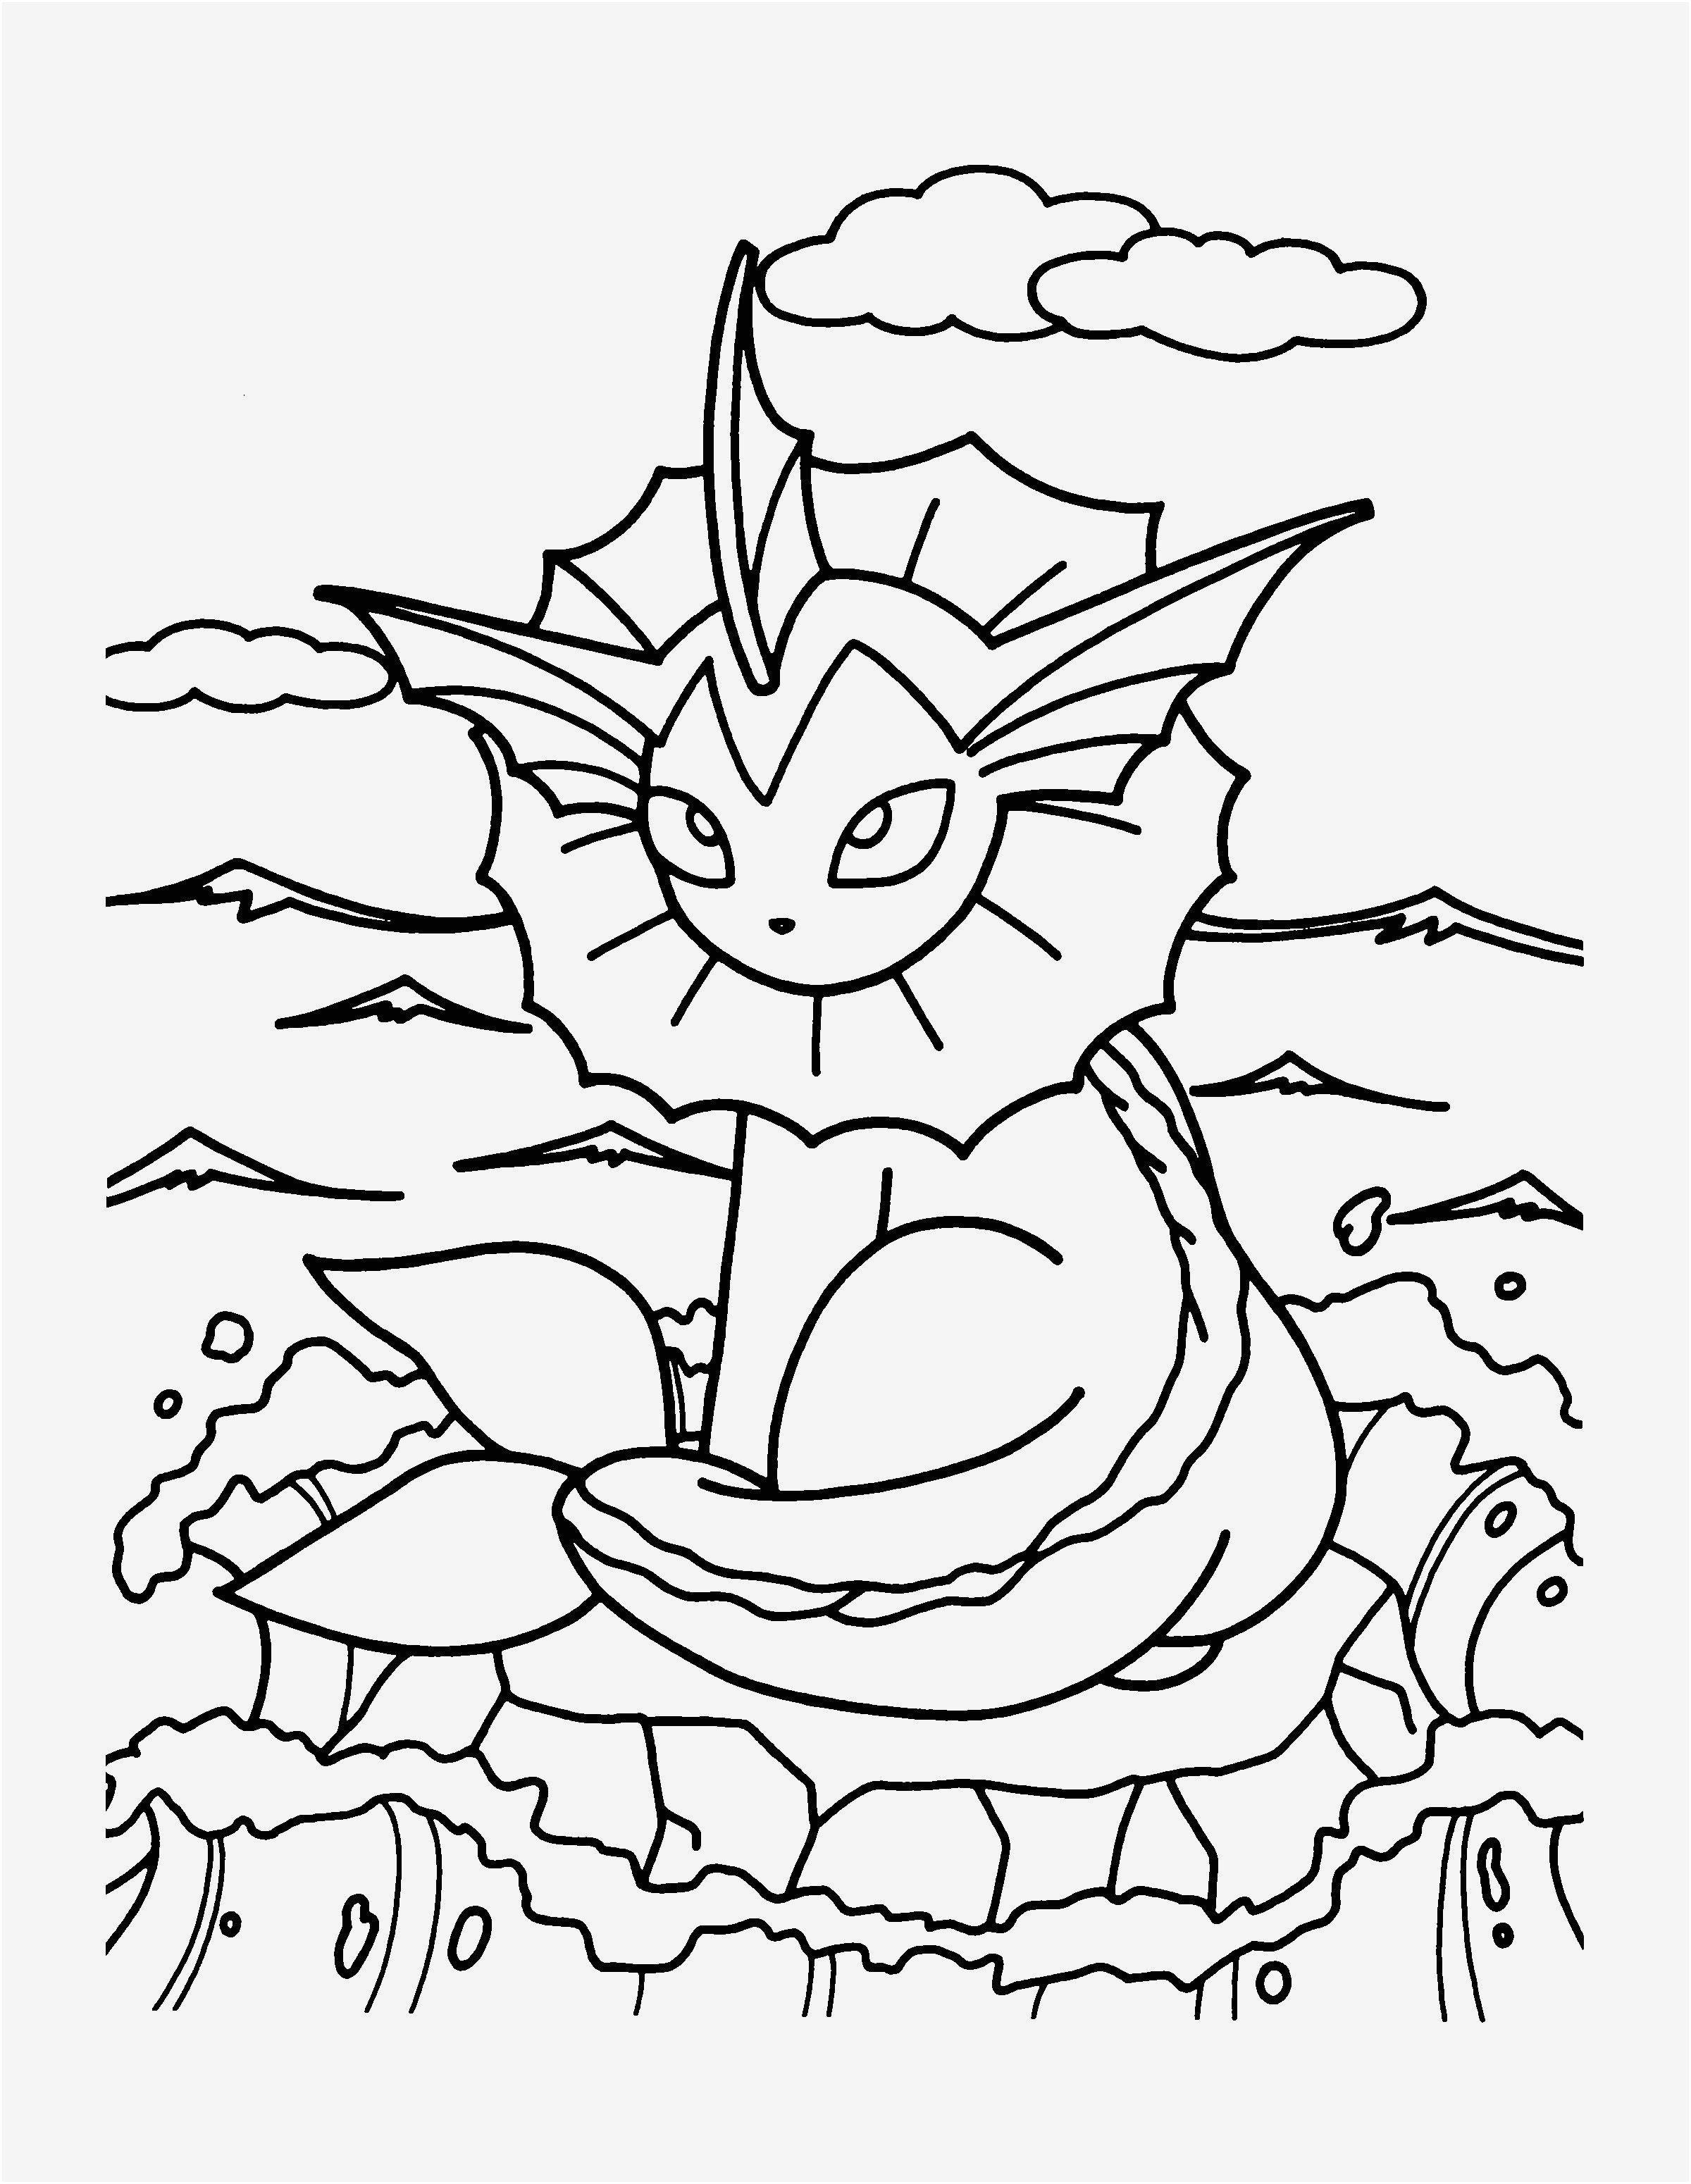 neu malvorlagen kinder einfach  pokemon coloring pages